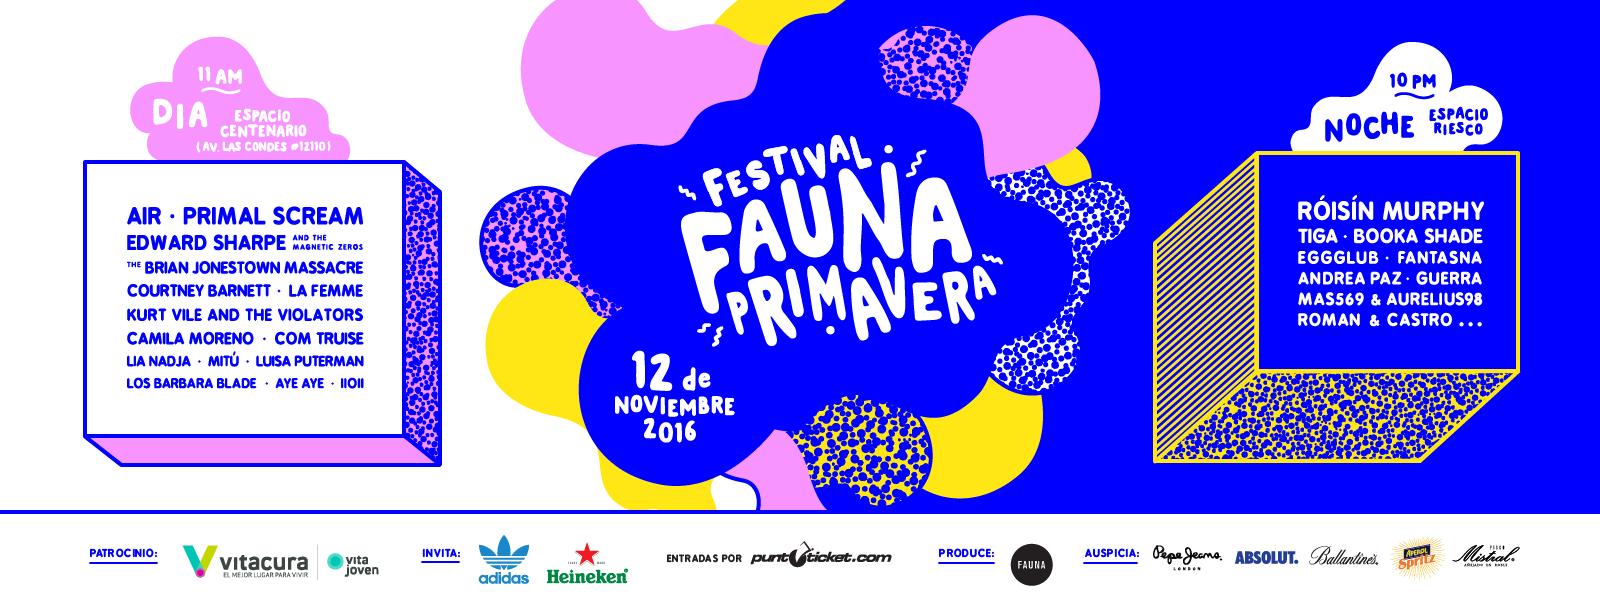 festival fauna primavera lineup